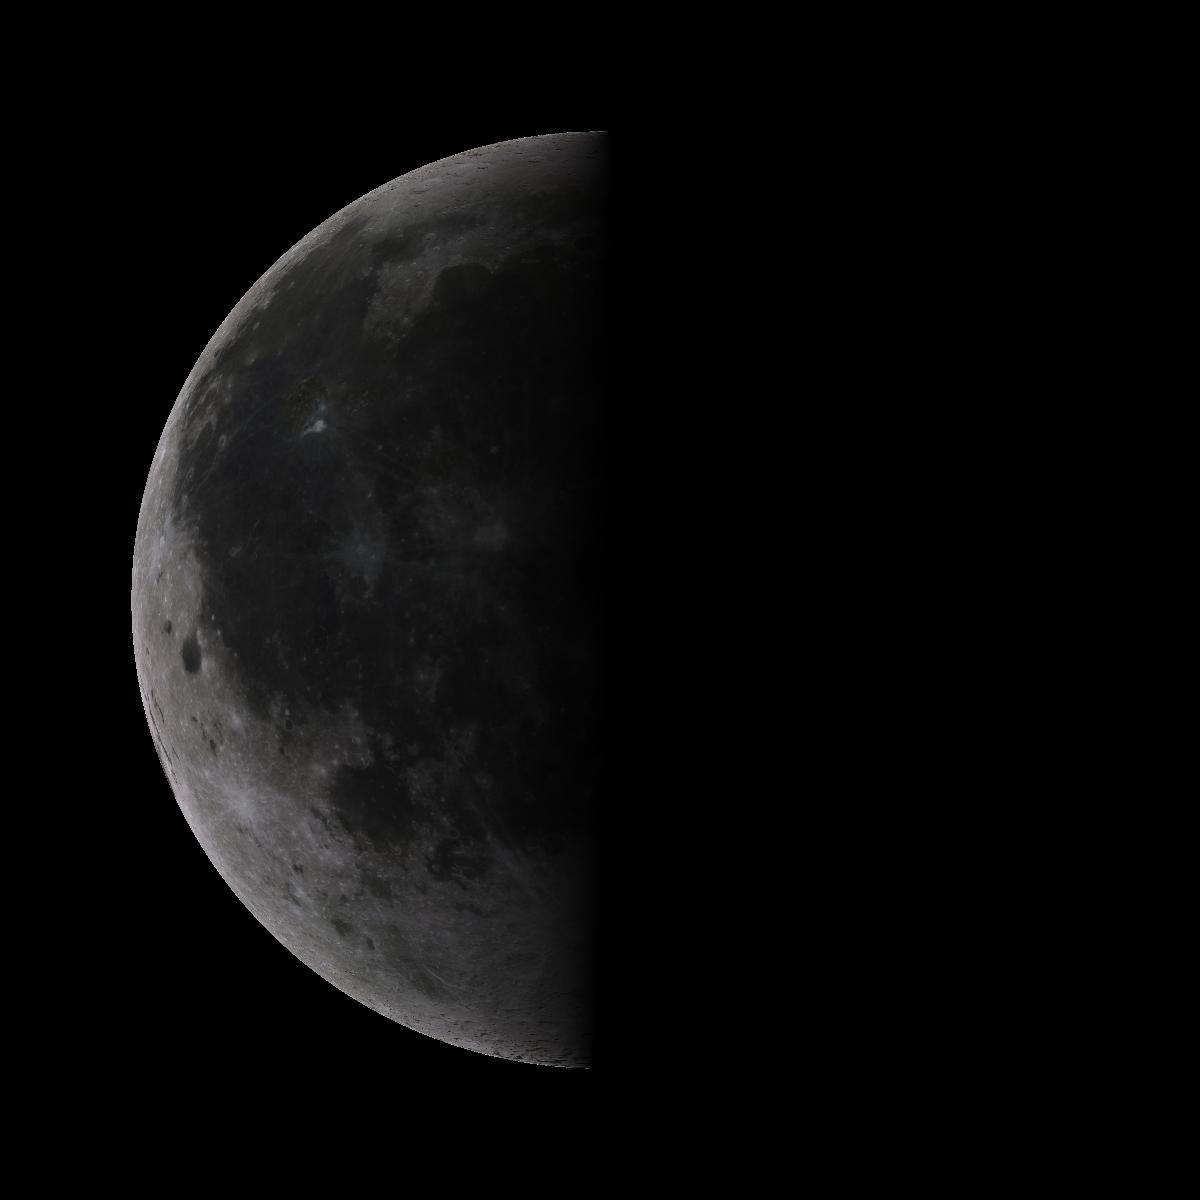 Lune du 22 septembre 2019